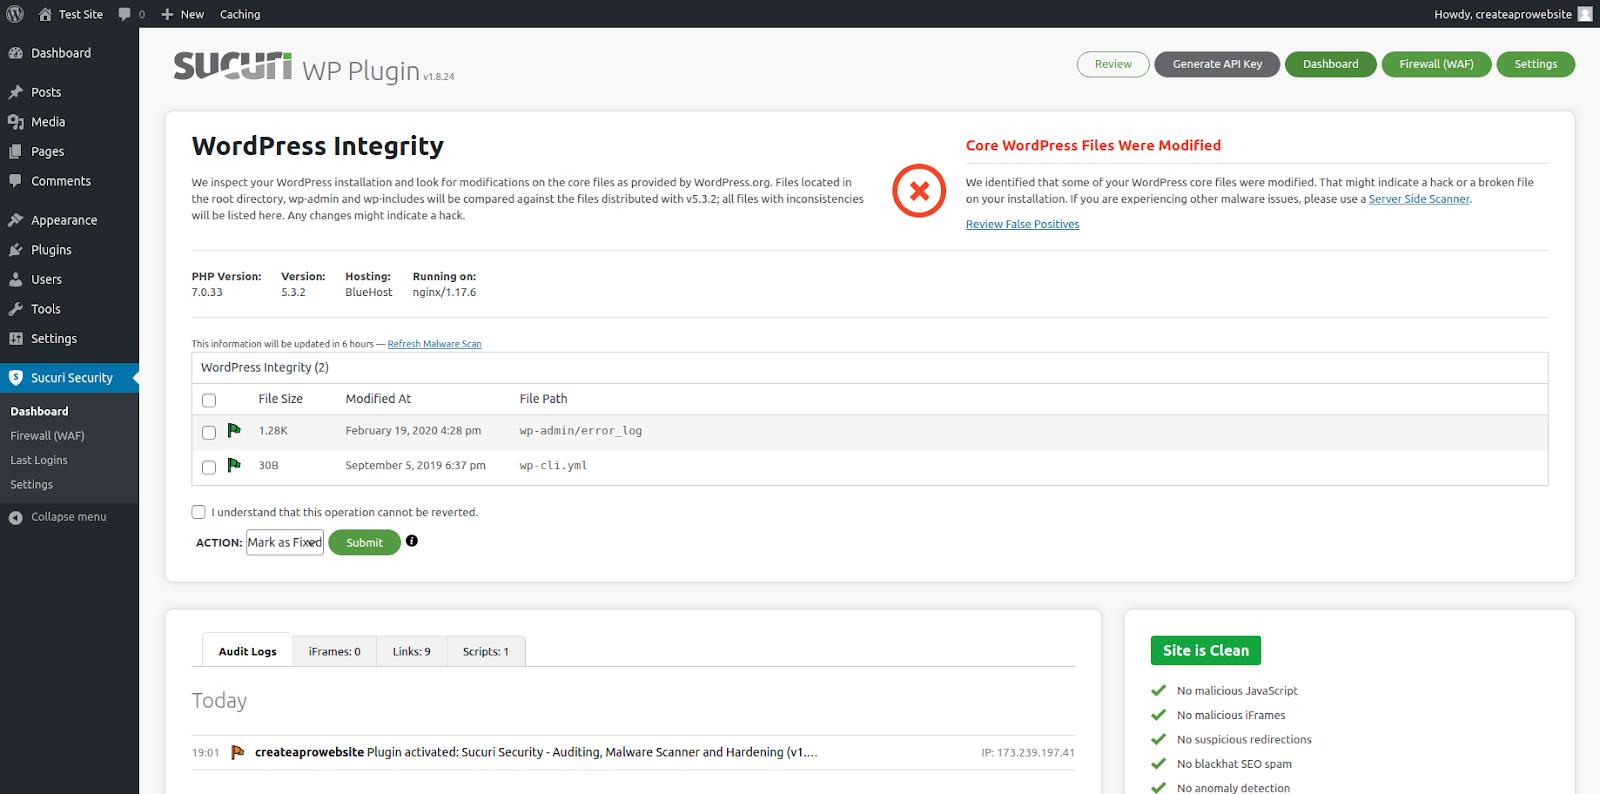 sucuri wordpress security plugin features